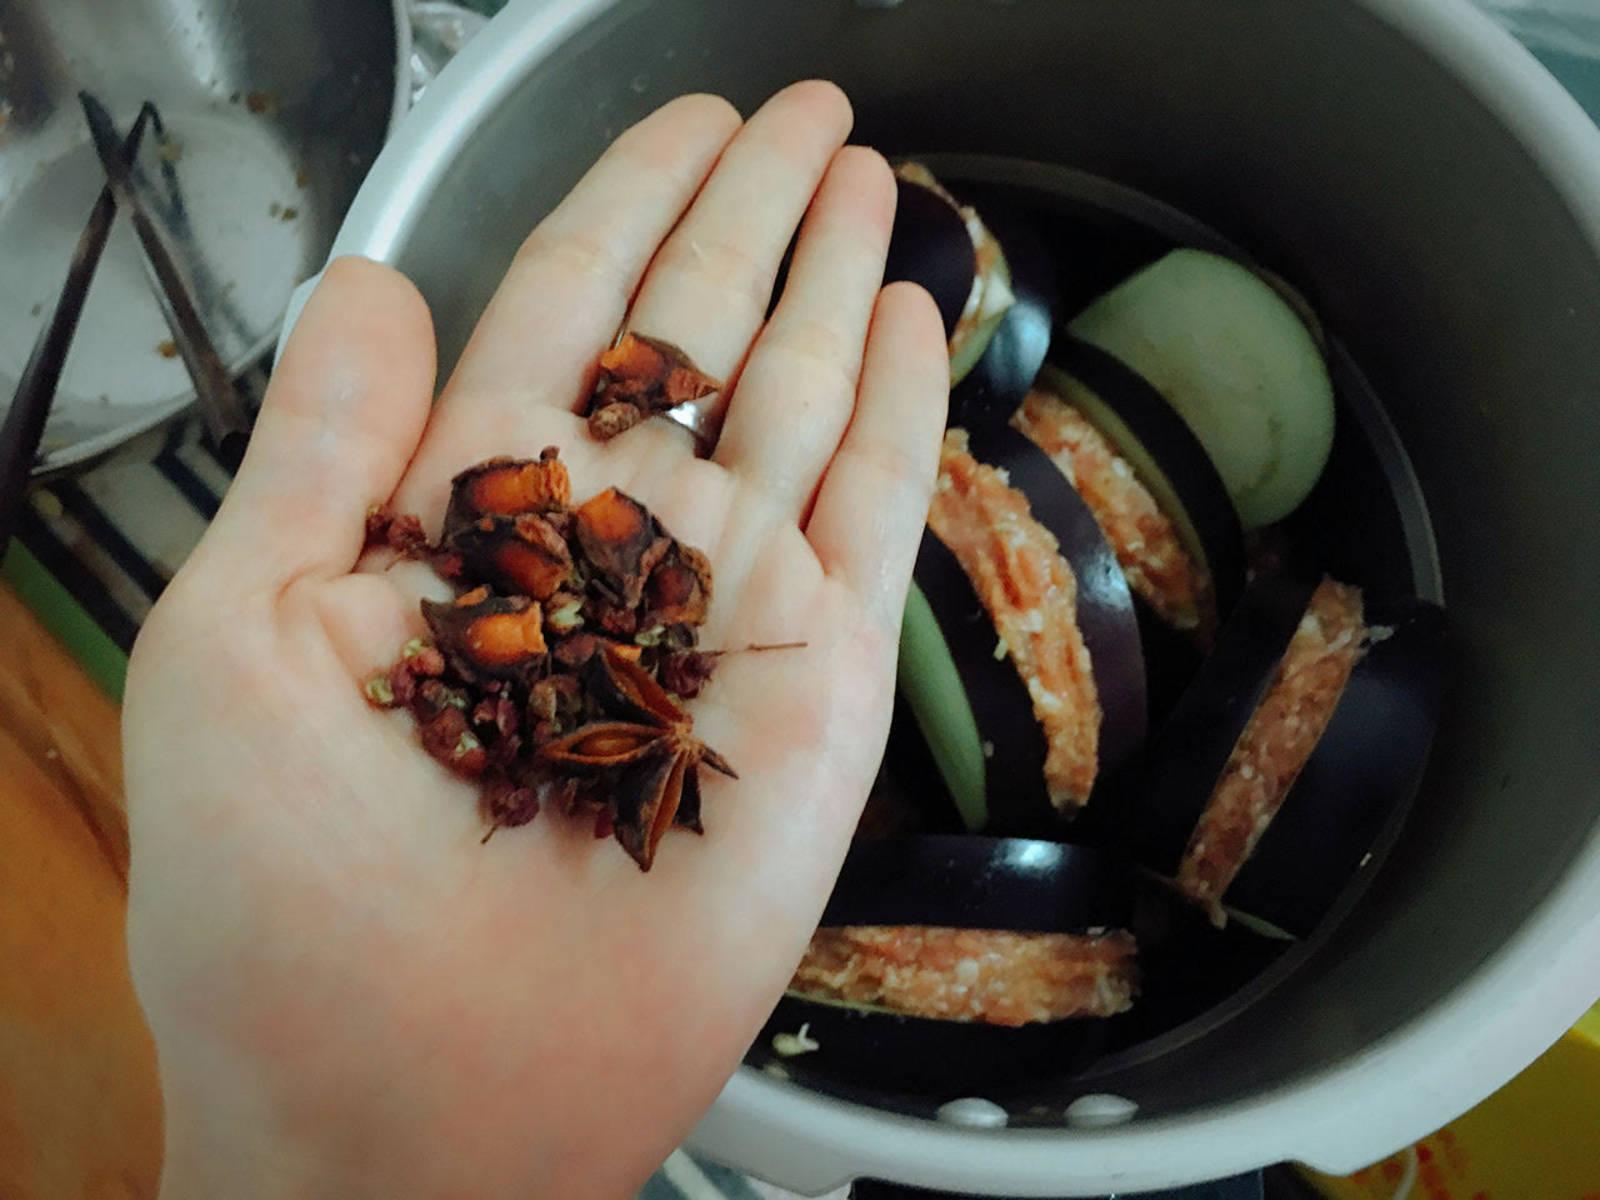 将填上馅的茄盒放入蒸笼,一个个摆好排排站。调馅的碗加适量水制作底汤倒入锅,防止糊底。锅中加入八角和四川花椒粒。